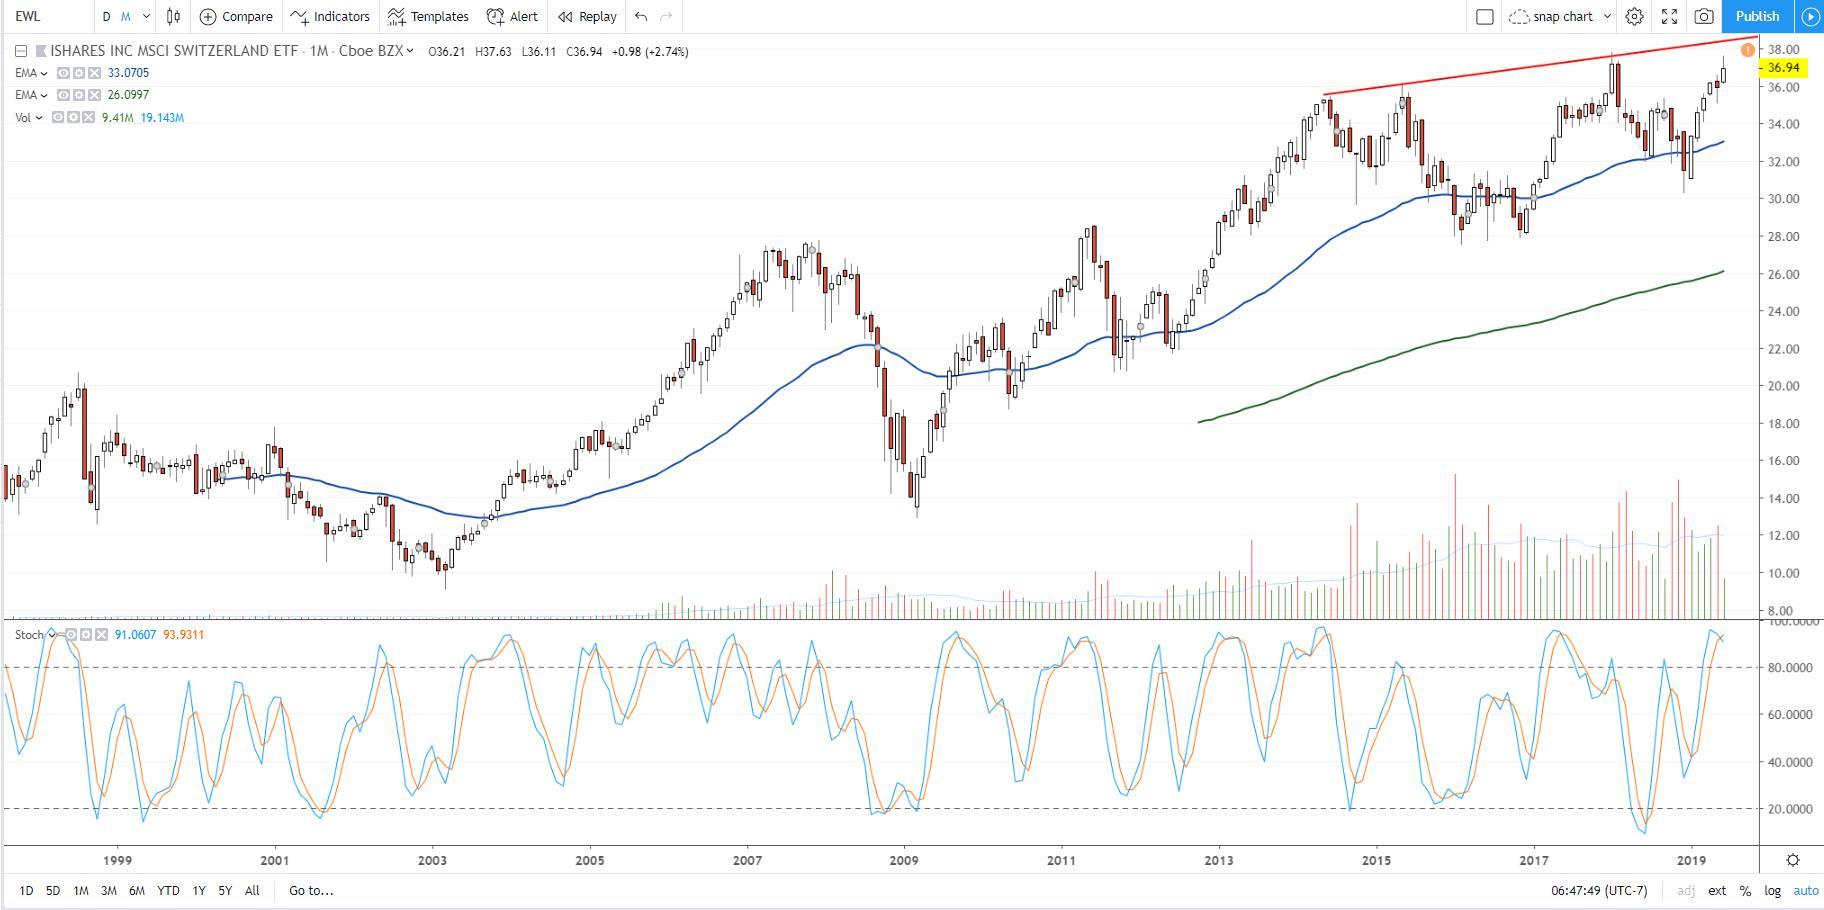 आईशेयर्स एमएससीआई स्विट्जरलैंड ईटीएफ के शेयर की कीमत प्रदर्शन दिखा चार्ट (EWL)